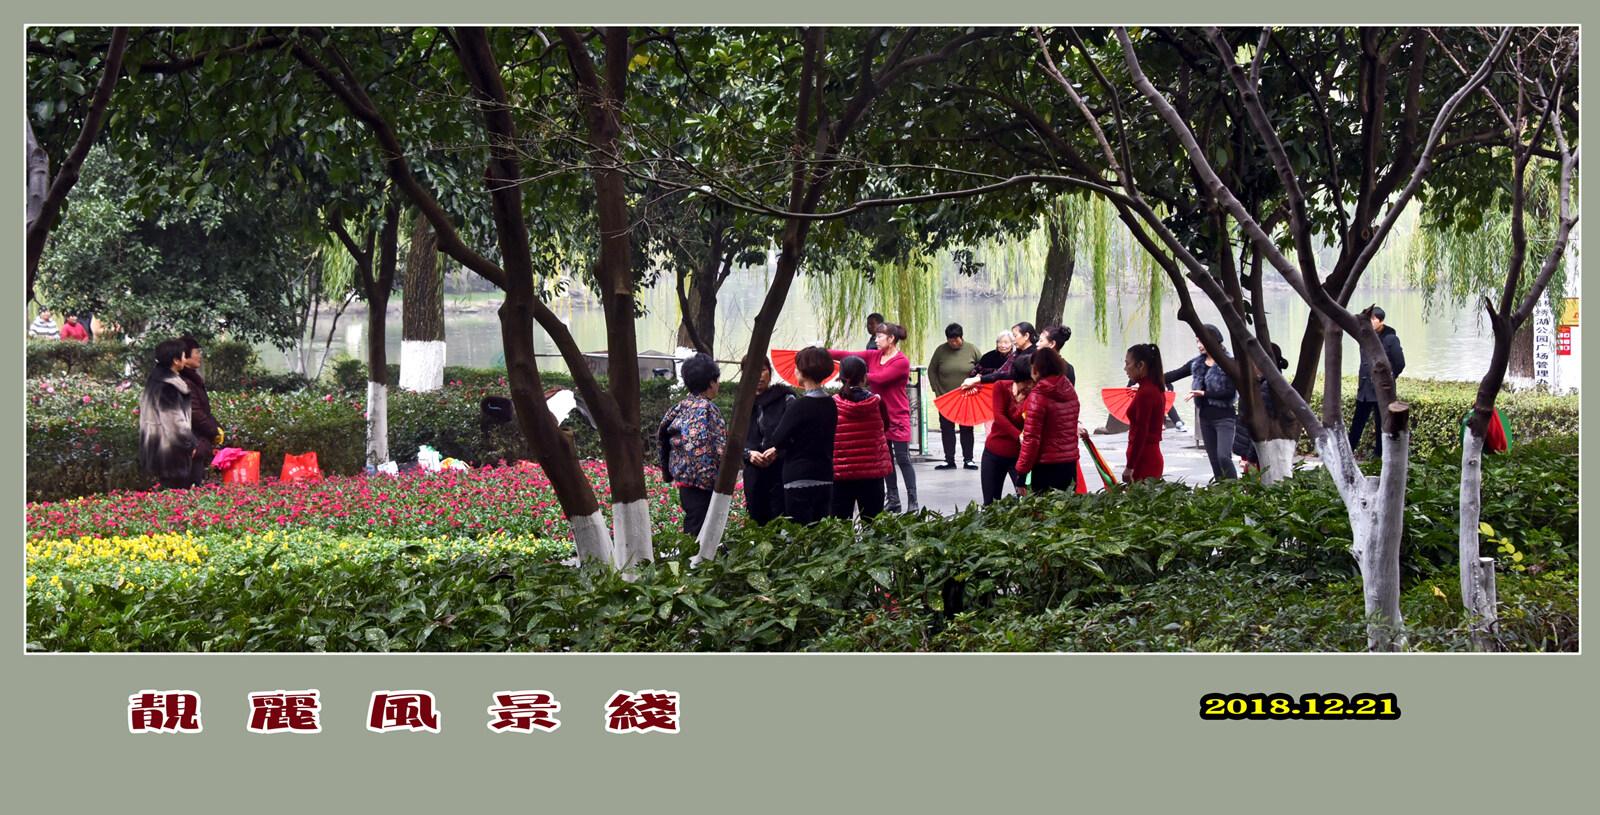 DSC_6270靓丽风景线 2.jpg